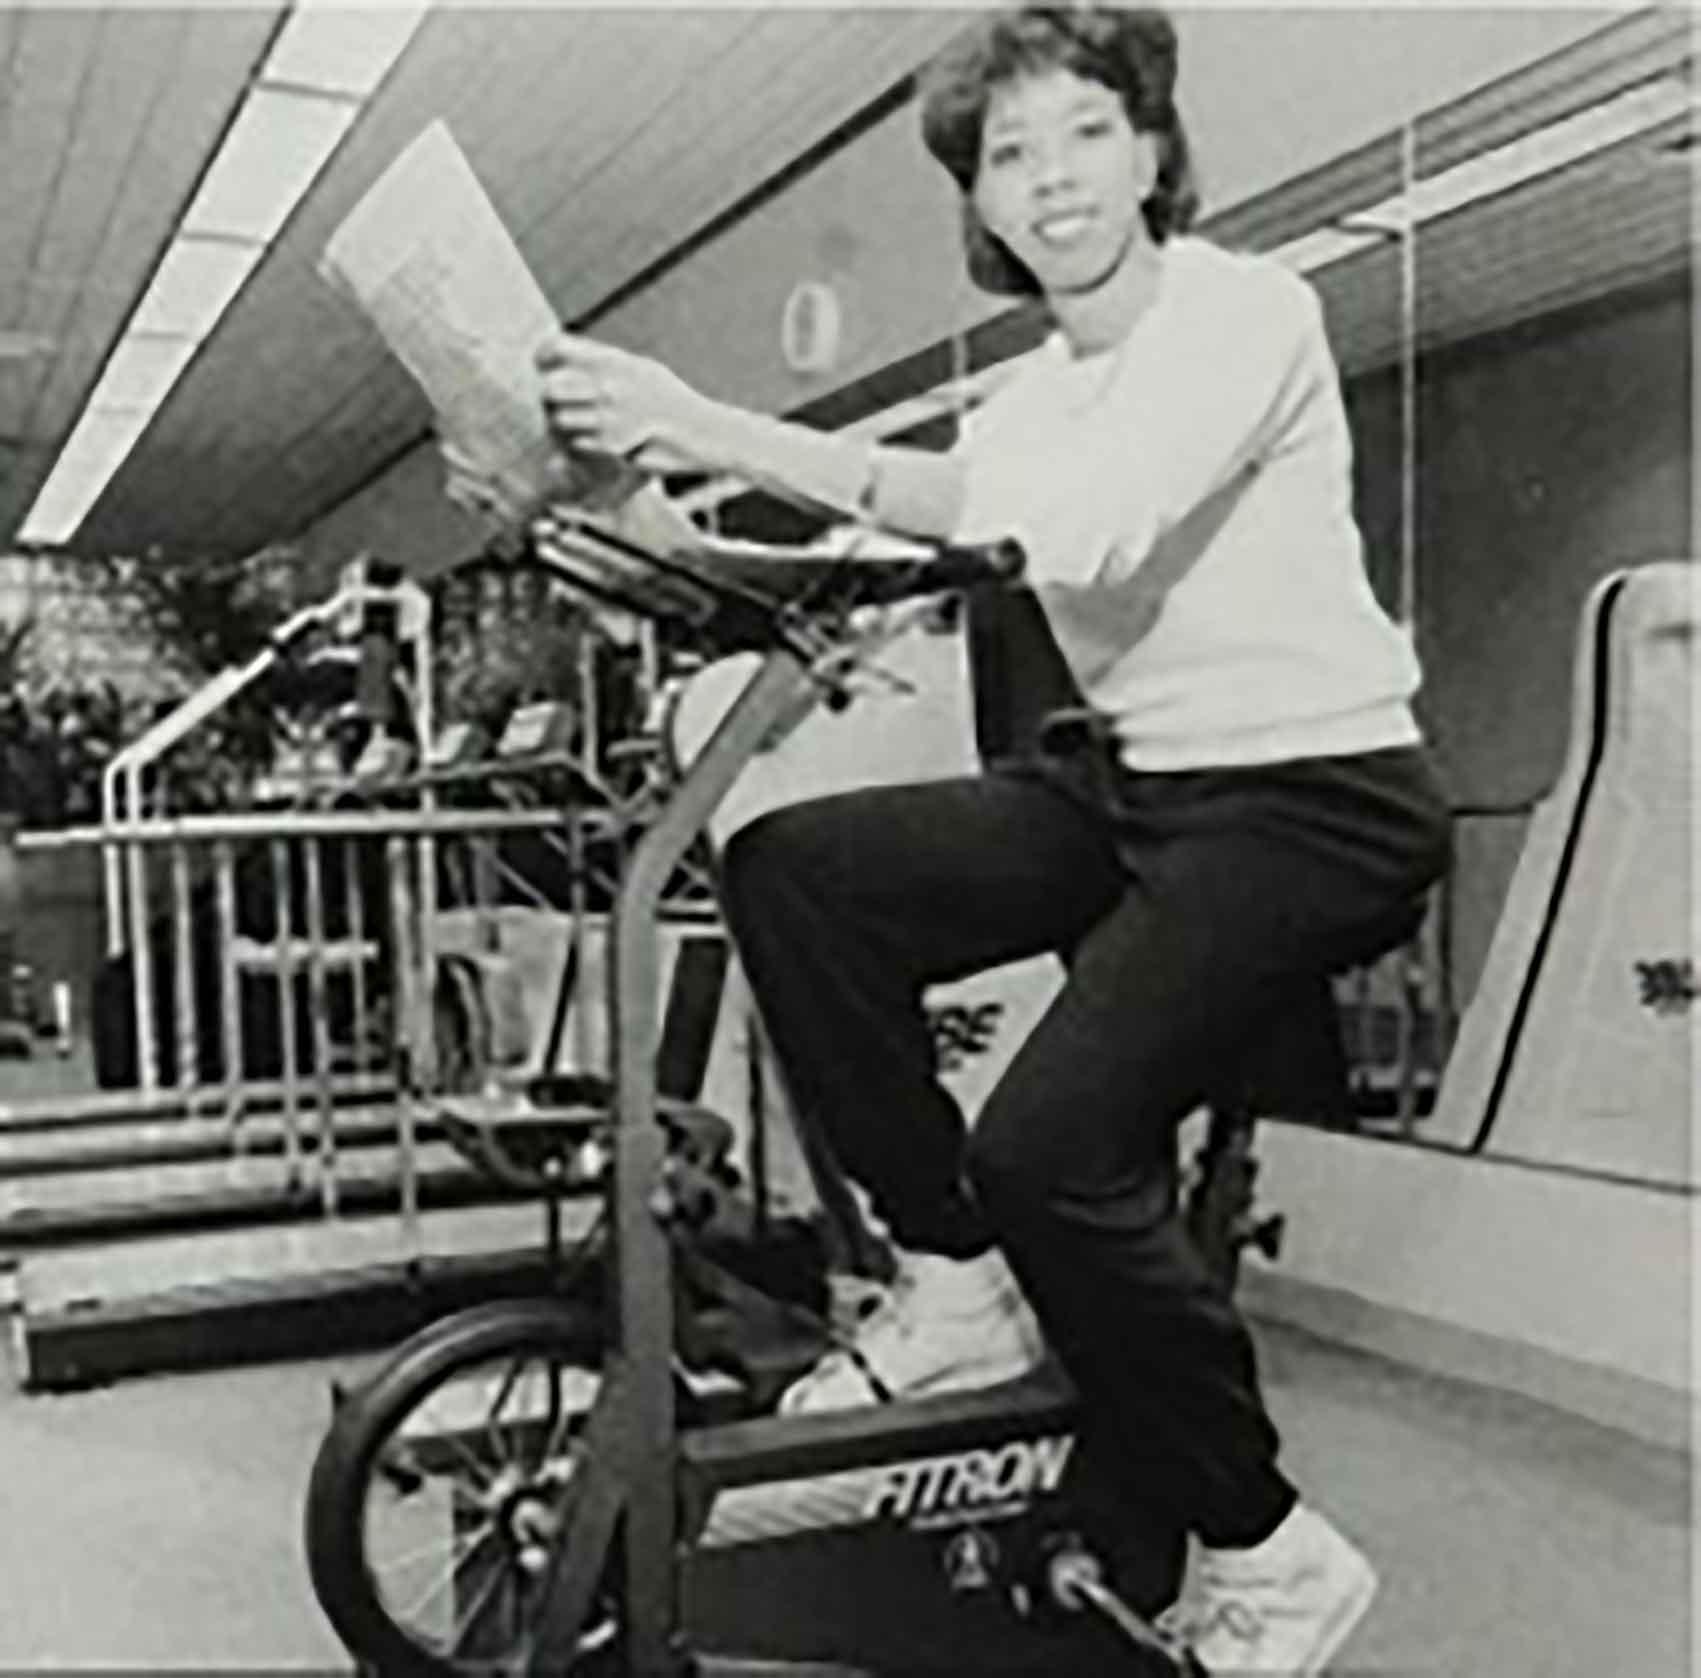 סנדרה טימבל על אופניים נייחים, אסנס, 1987-אופנה